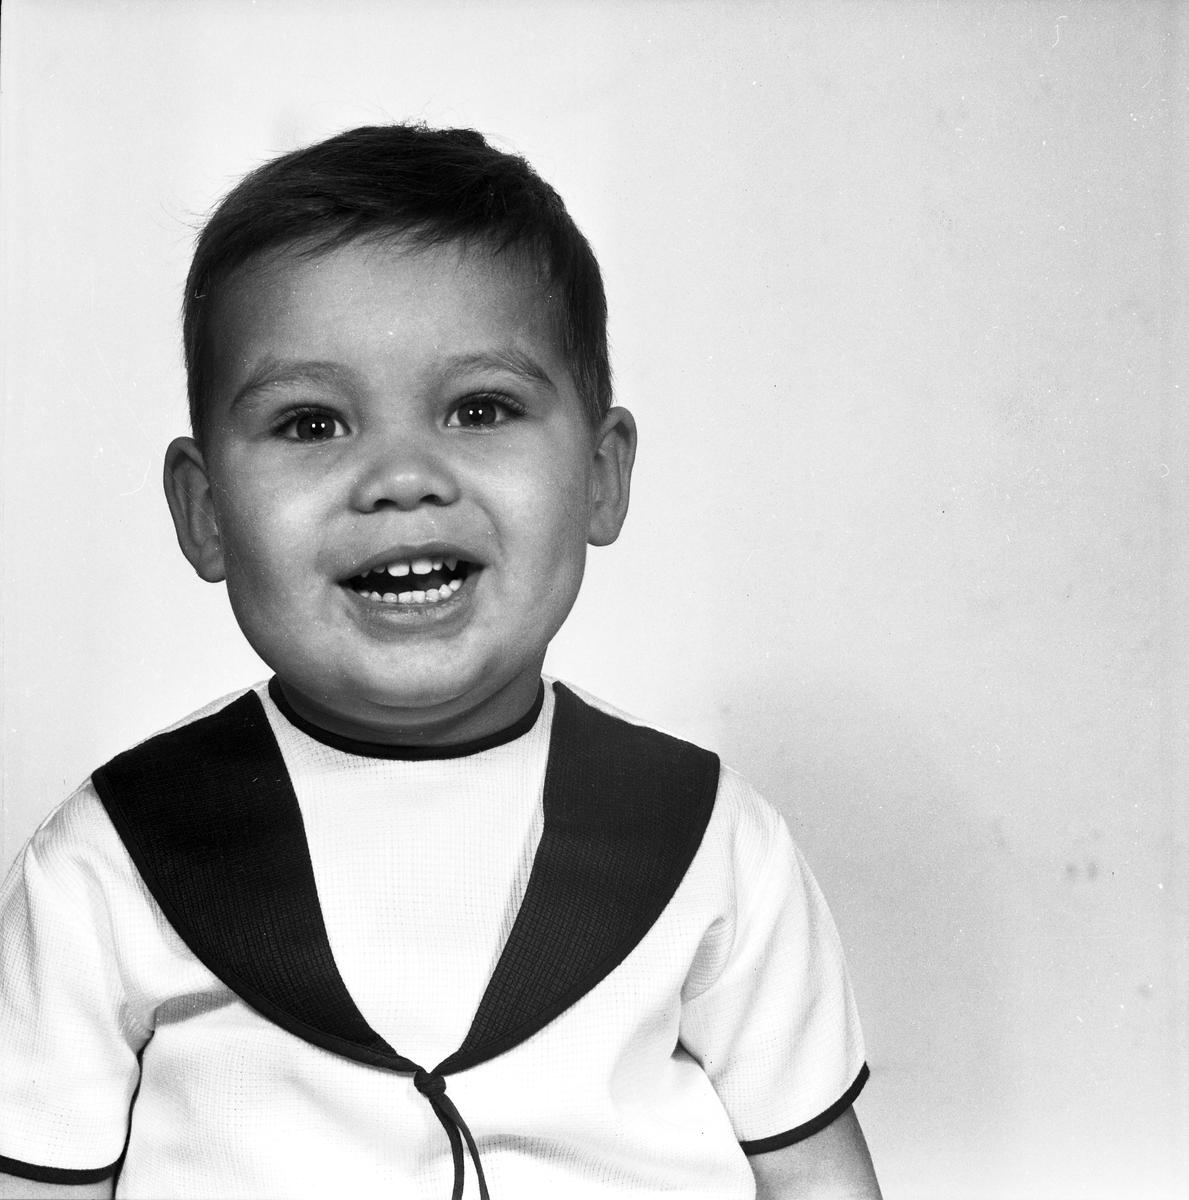 Pojken Kubulenso, Gävle. Den 30 november 1966